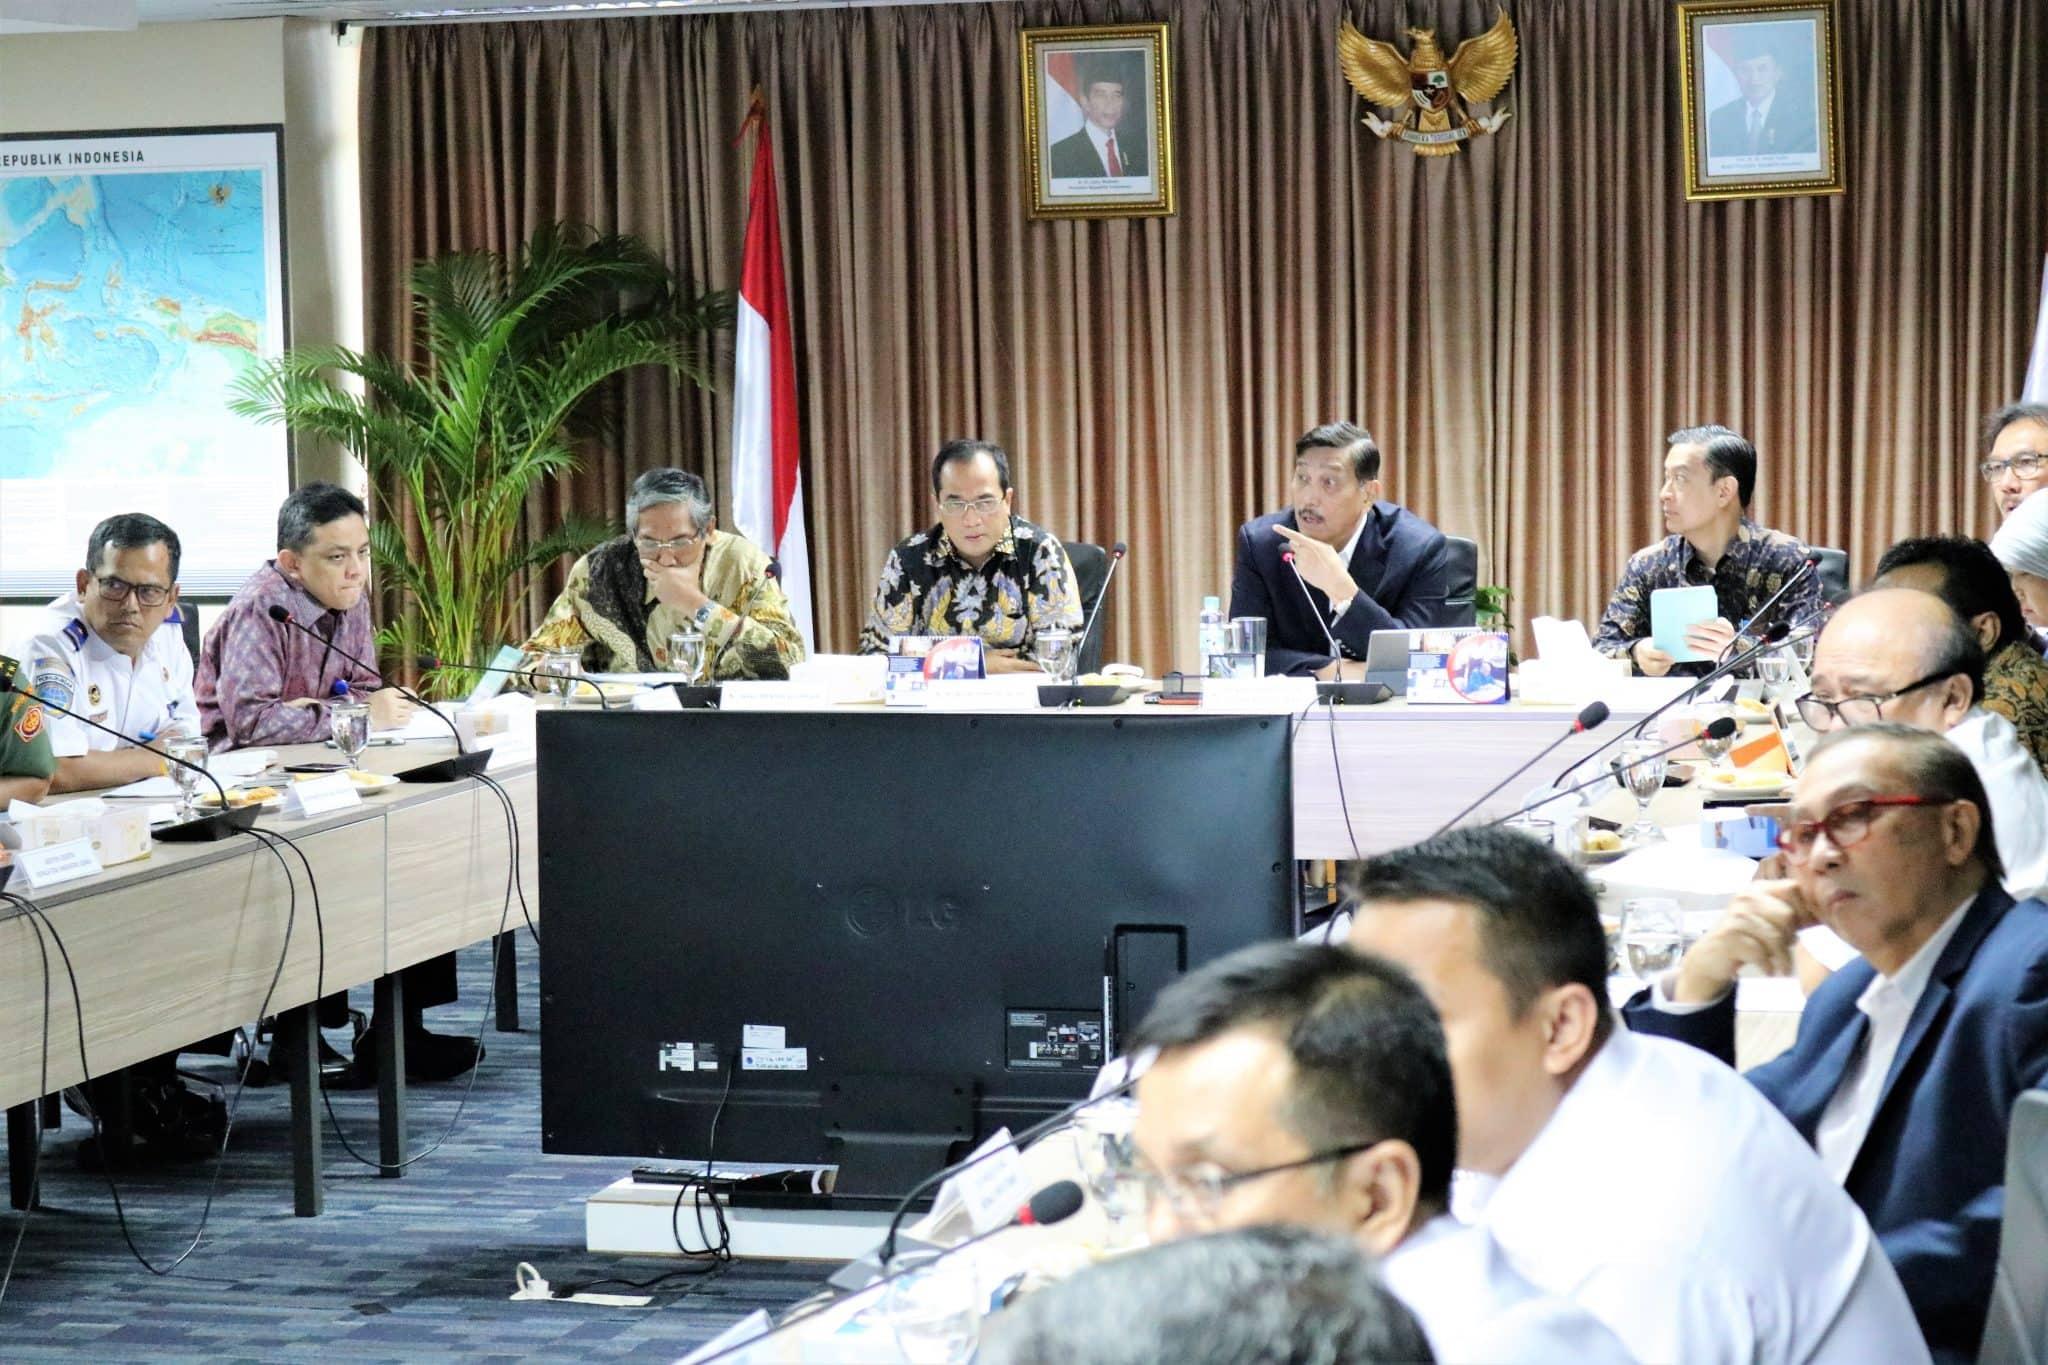 Menko Luhut Rakor Percepatan Kereta Cepat Jakarta - Bandung